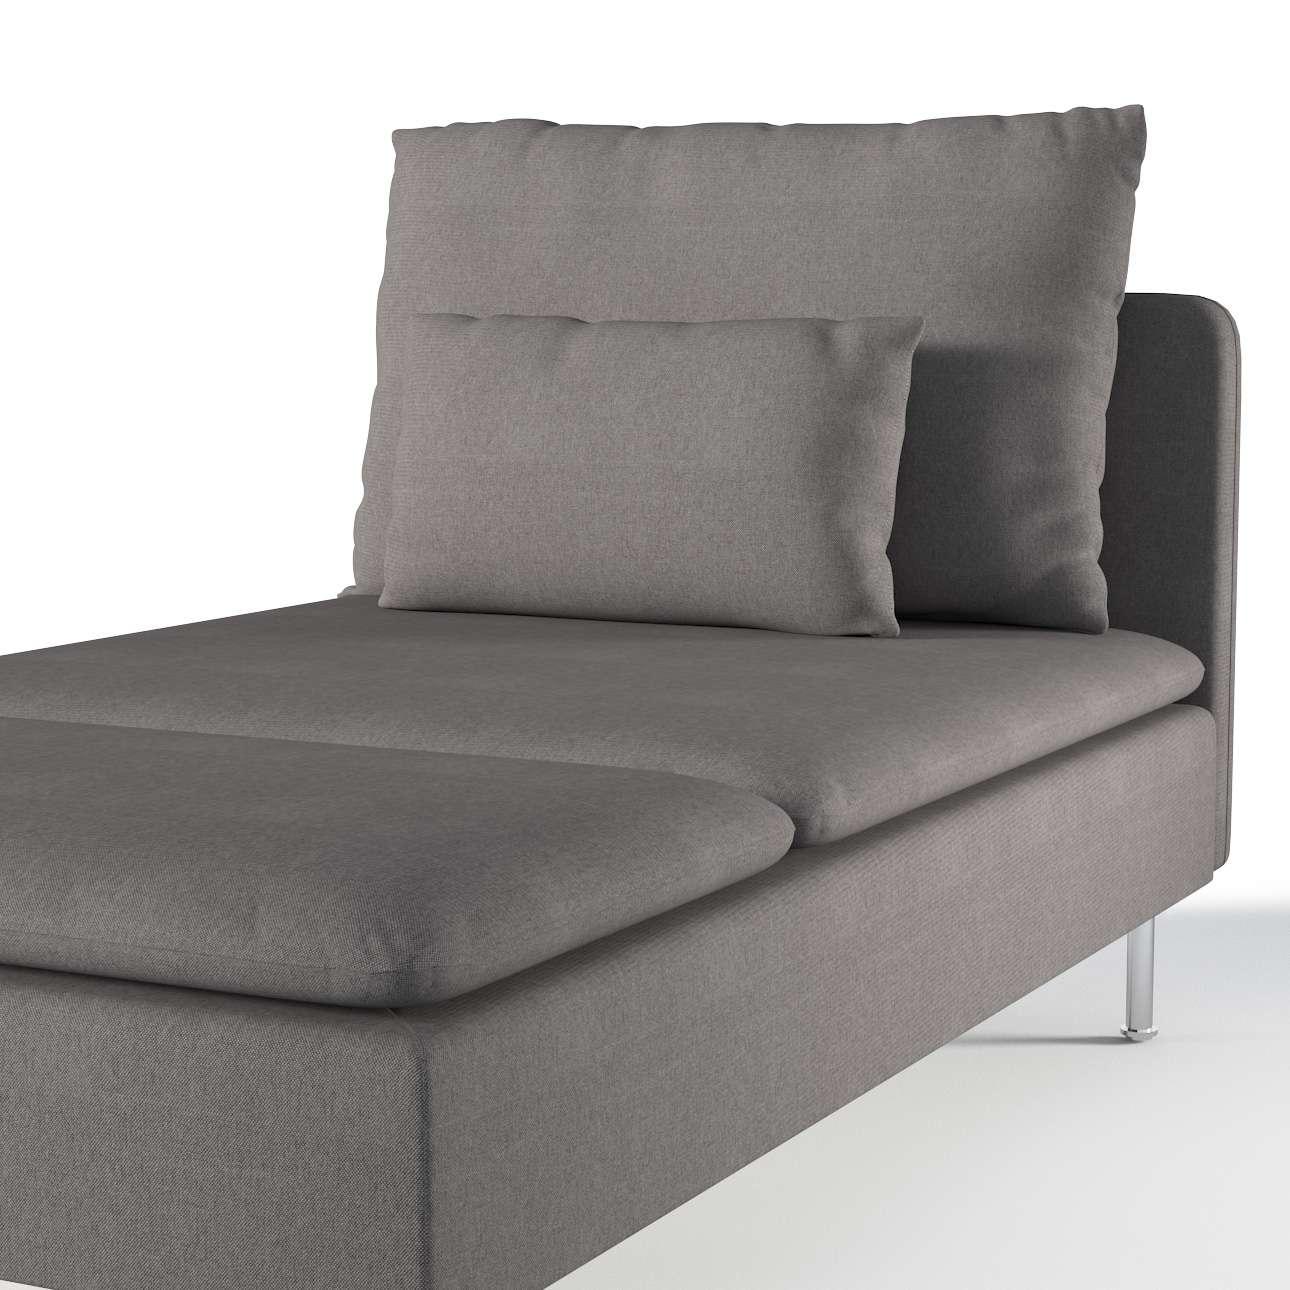 s derhamn etna dunkelgrau kramfors 3 sitzer sofabezug. Black Bedroom Furniture Sets. Home Design Ideas